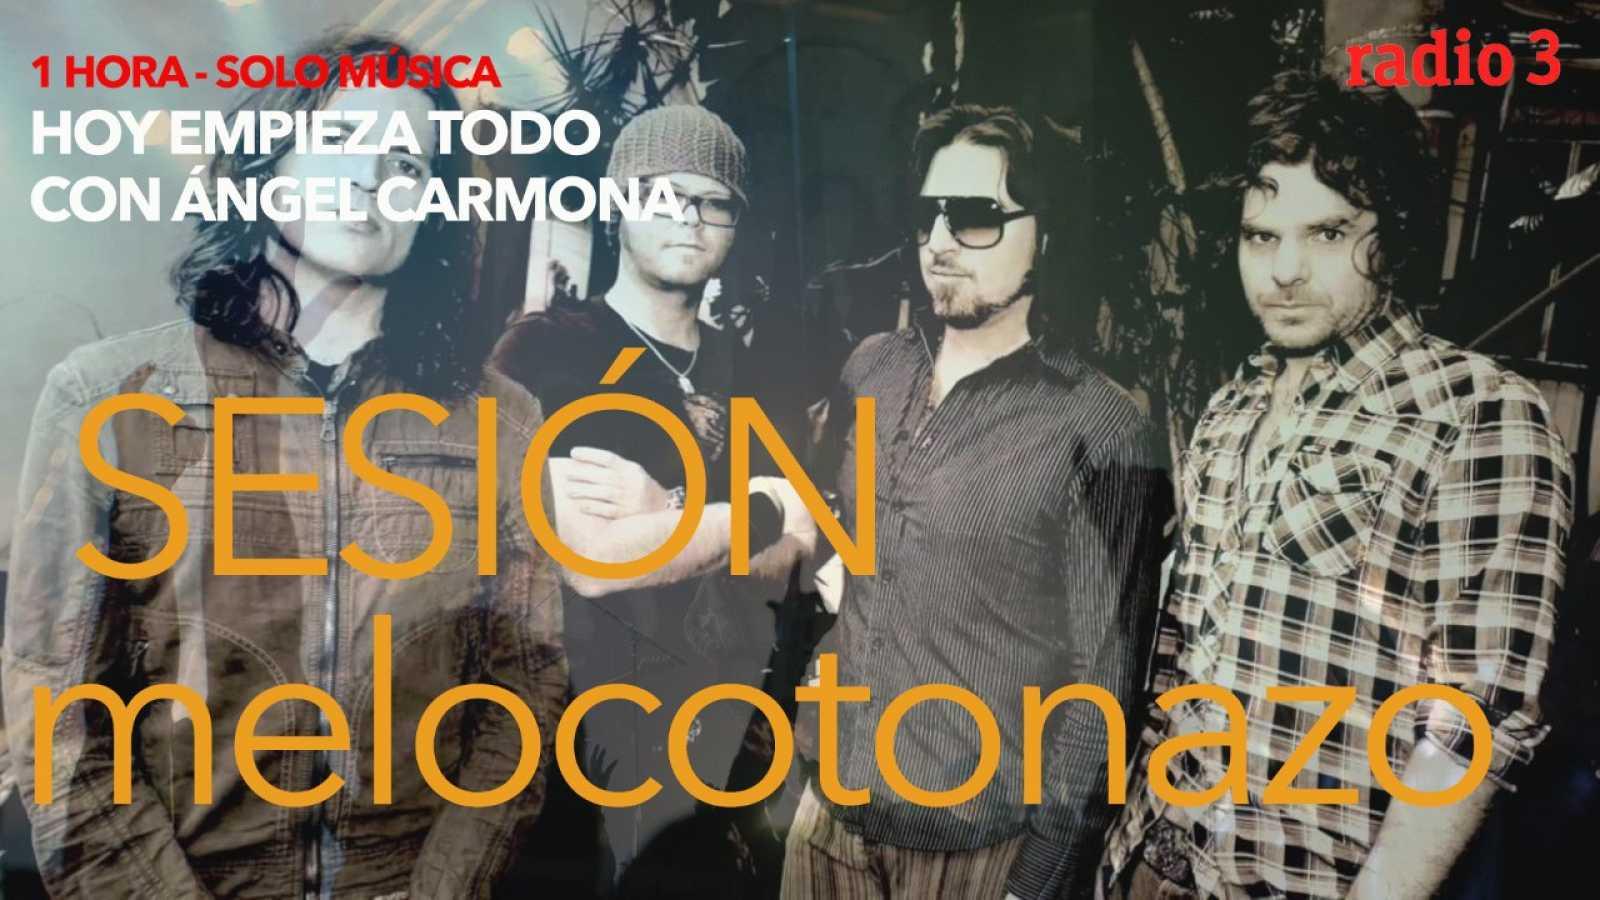 Hoy empieza todo con Ángel Carmona - #SesiónMelocotonazo: Los Enemigos, Rival Sons, Parquesvr...  - 25/02/21 - escuchar ahora